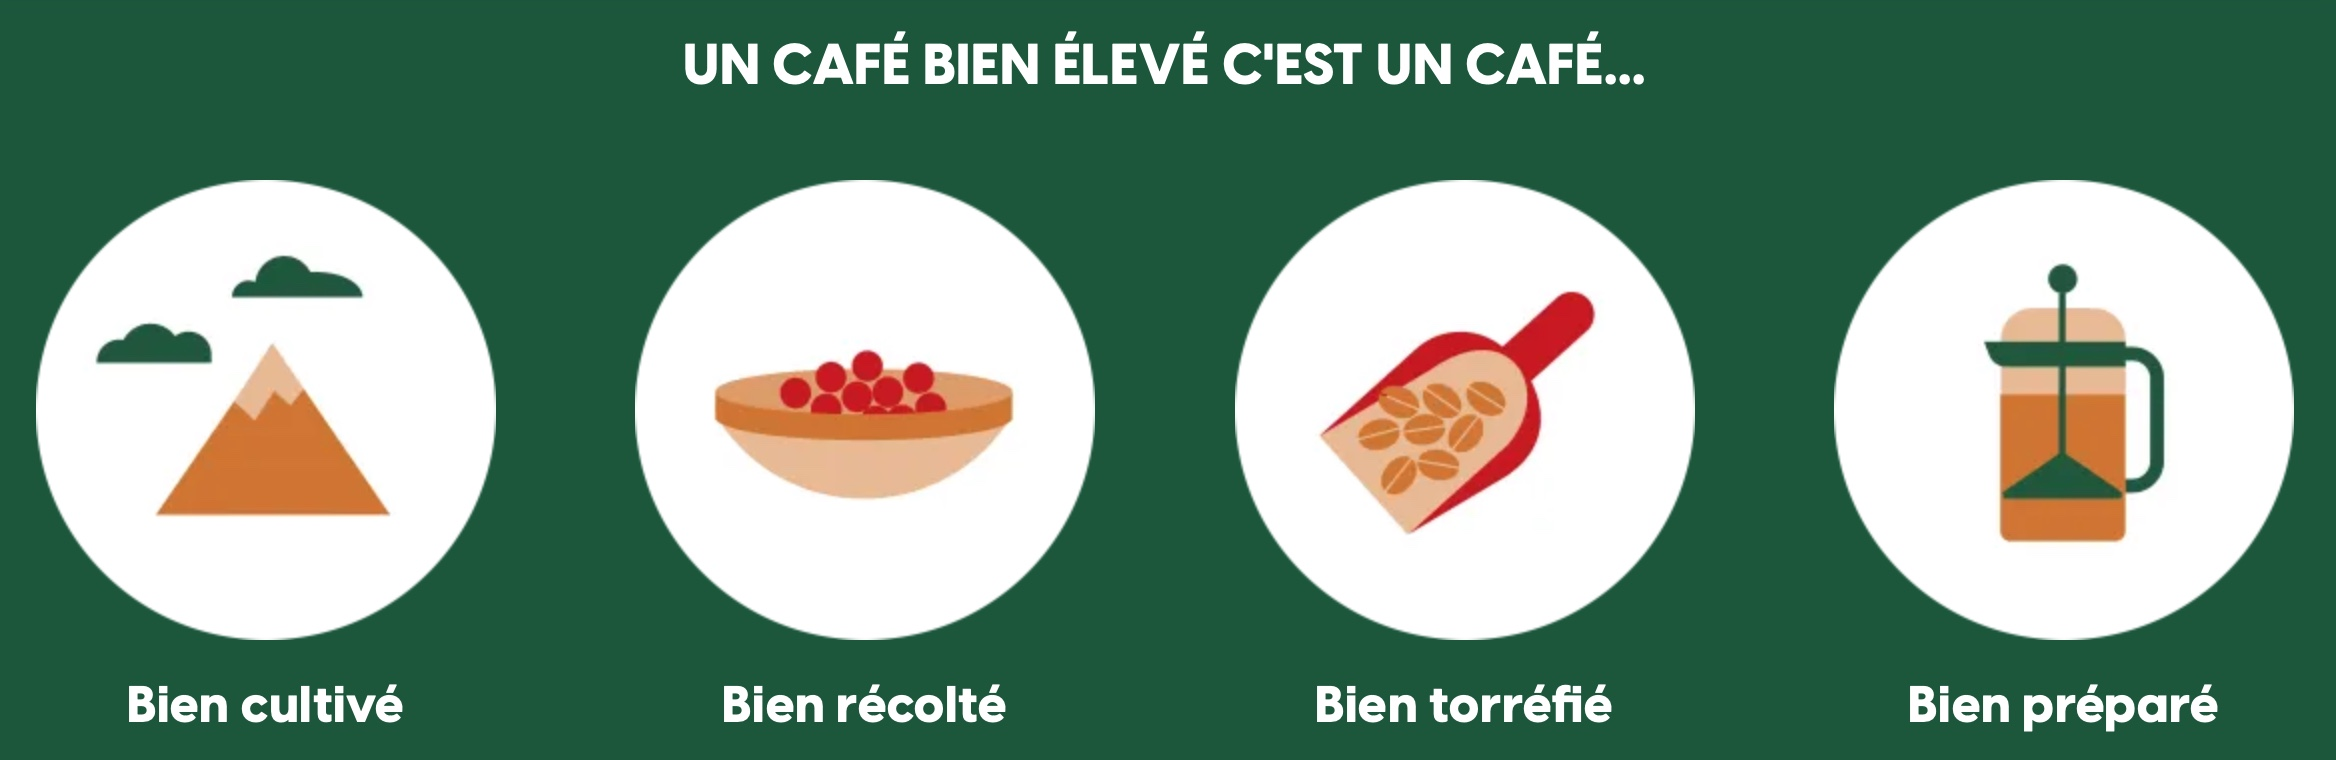 Capture decran 2020 11 17 a 15.18.01 - Découvrez le café bien élevé !